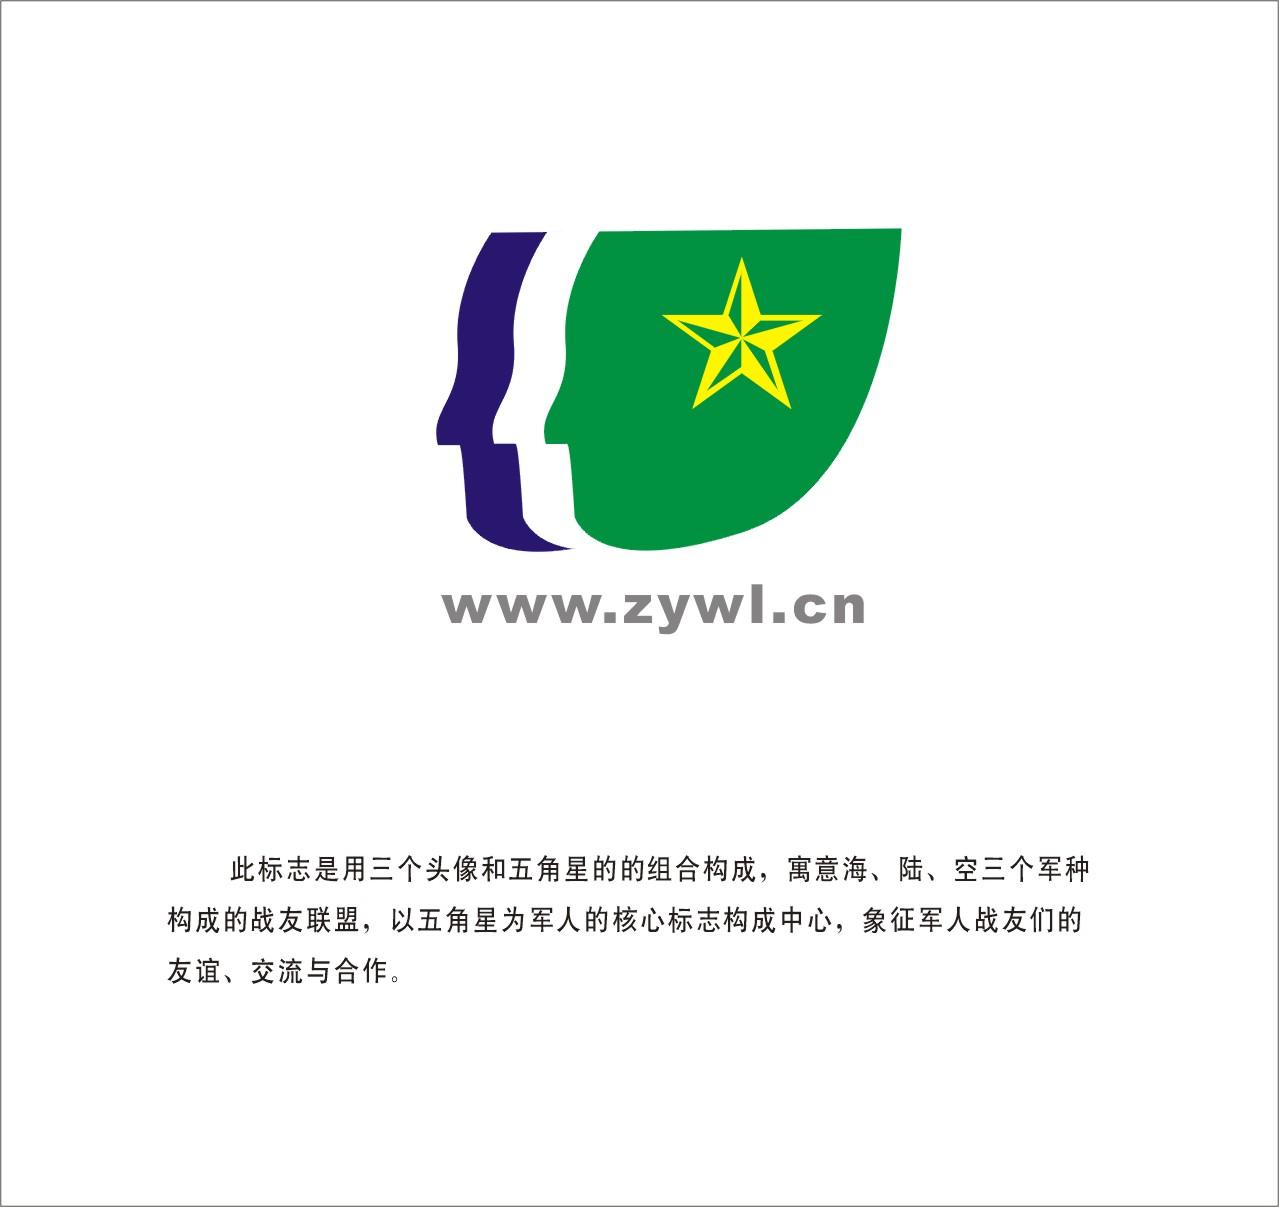 中国战友联盟网站logo设计- 稿件[#720476]